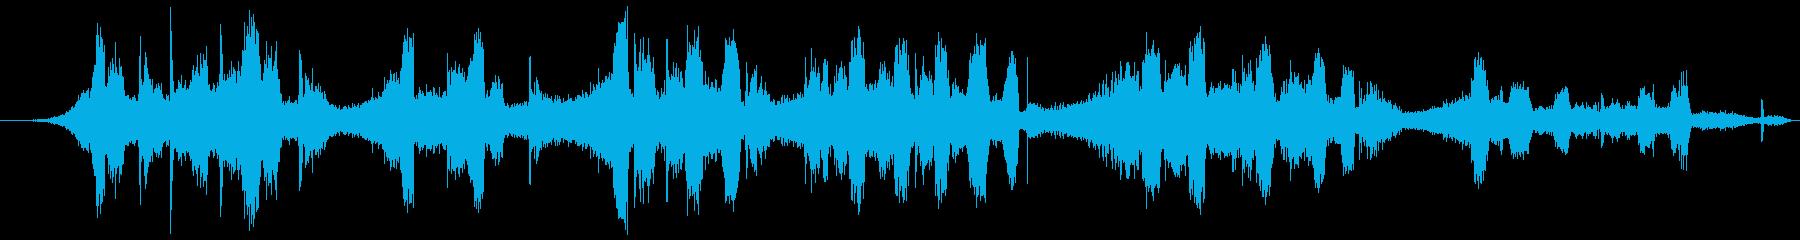 悪の聖歌、ささやき、恐怖、悪、超自然の声の再生済みの波形